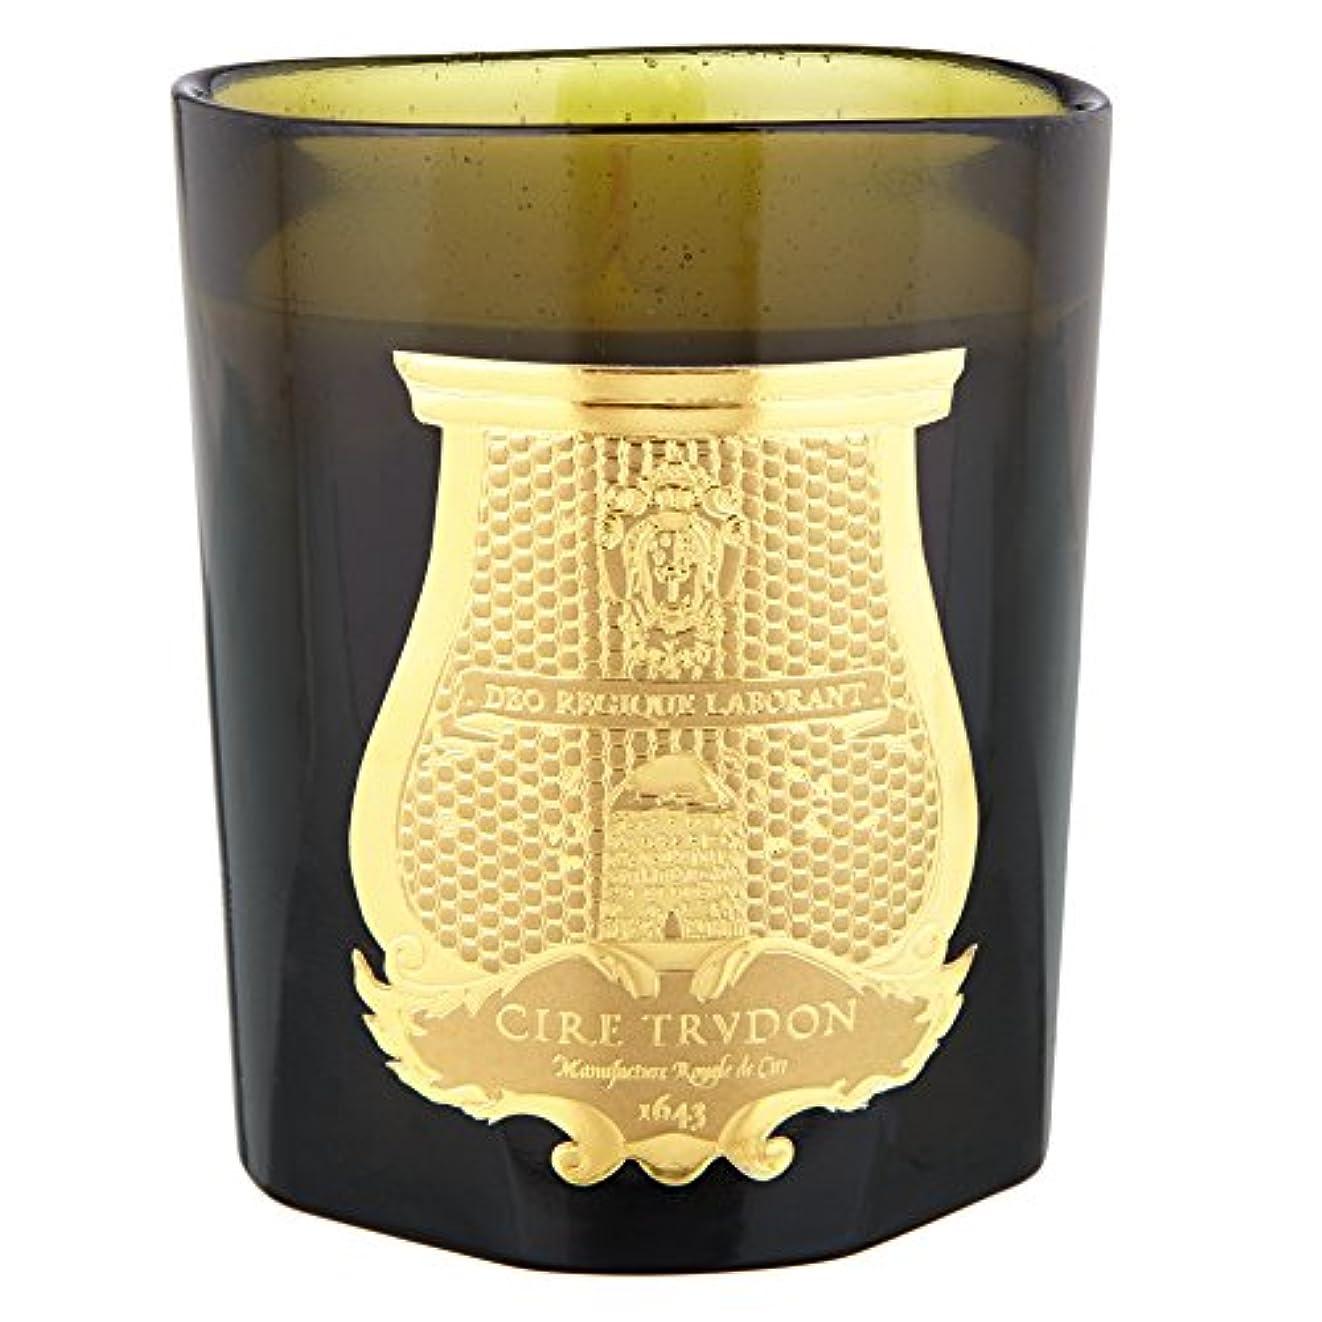 ベット可聴タイムリーなCire Trudonソリスレックス香りのキャンドル (Cire Trudon) - Cire Trudon Solis Rex Scented Candle [並行輸入品]